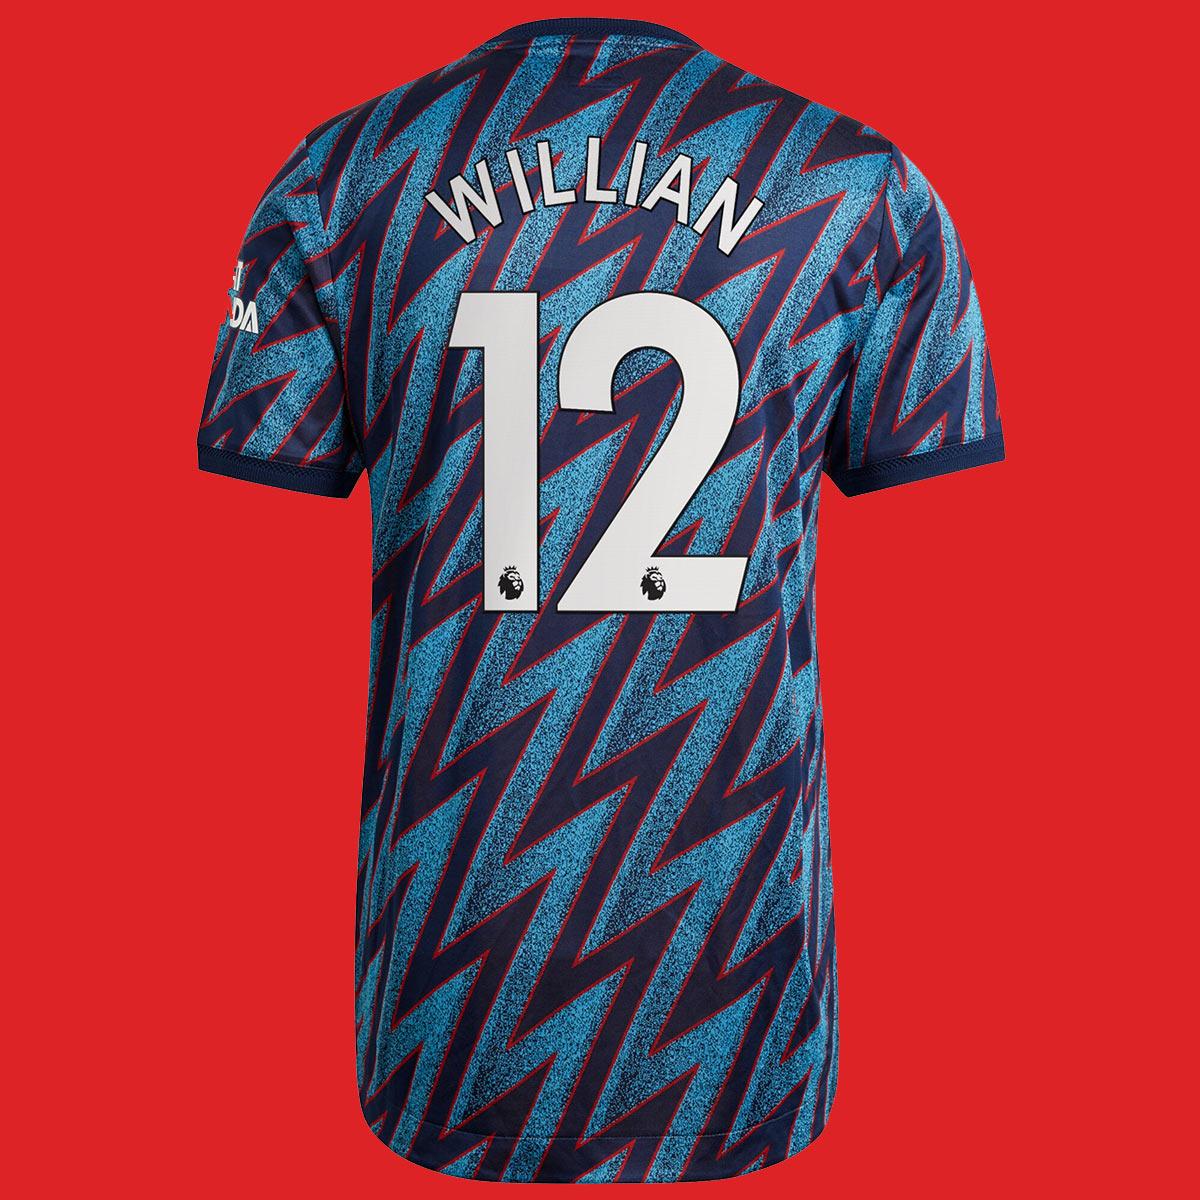 Terza maglia Arsenal 2021-2022 Willian 12